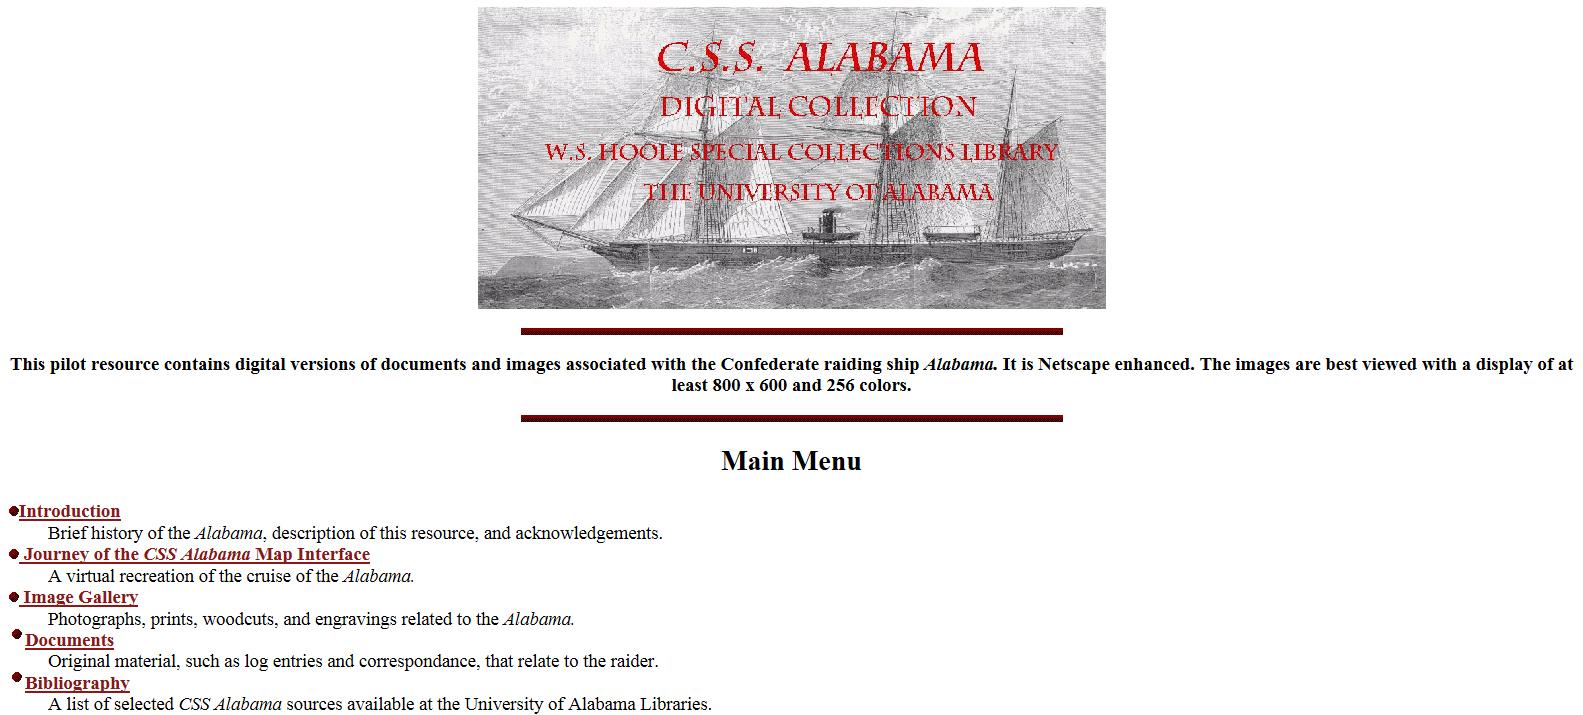 Cliquez sur l'image pour accéder au site de l'Université de l'Alabama